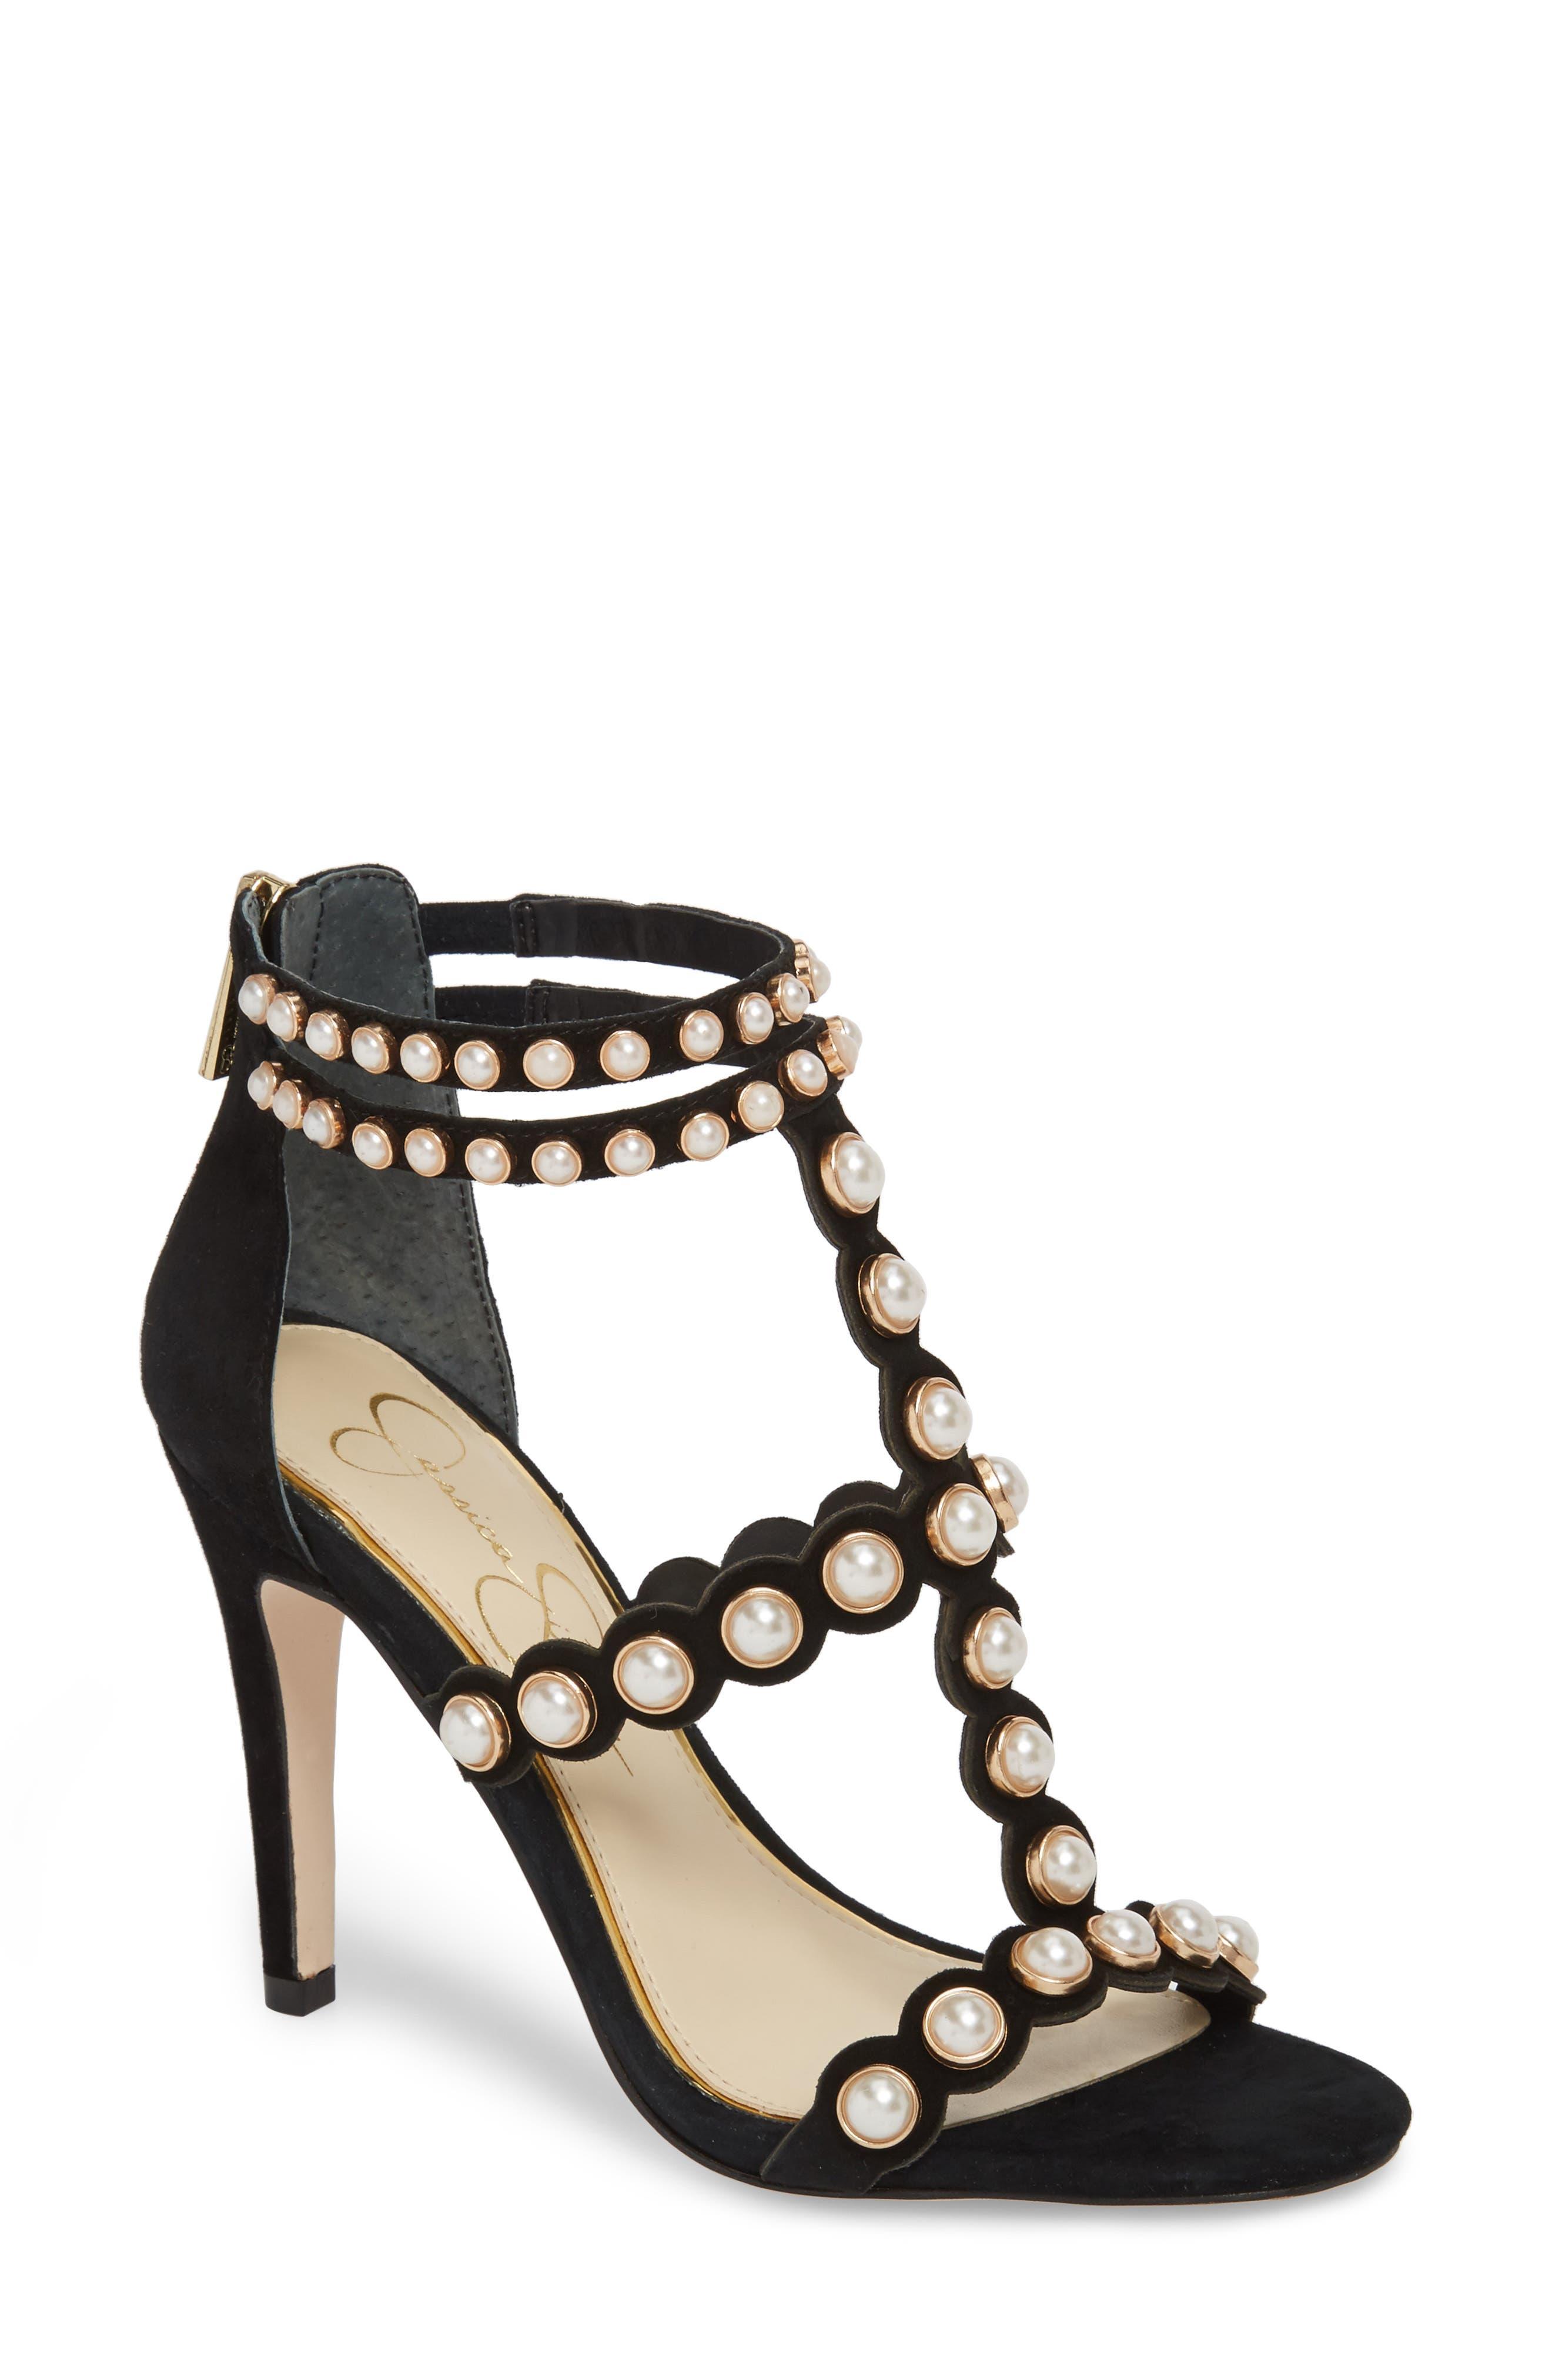 Alternate Image 1 Selected - Jessica Simpson Eleia Imitation Pearl Stud Sandal (Women)